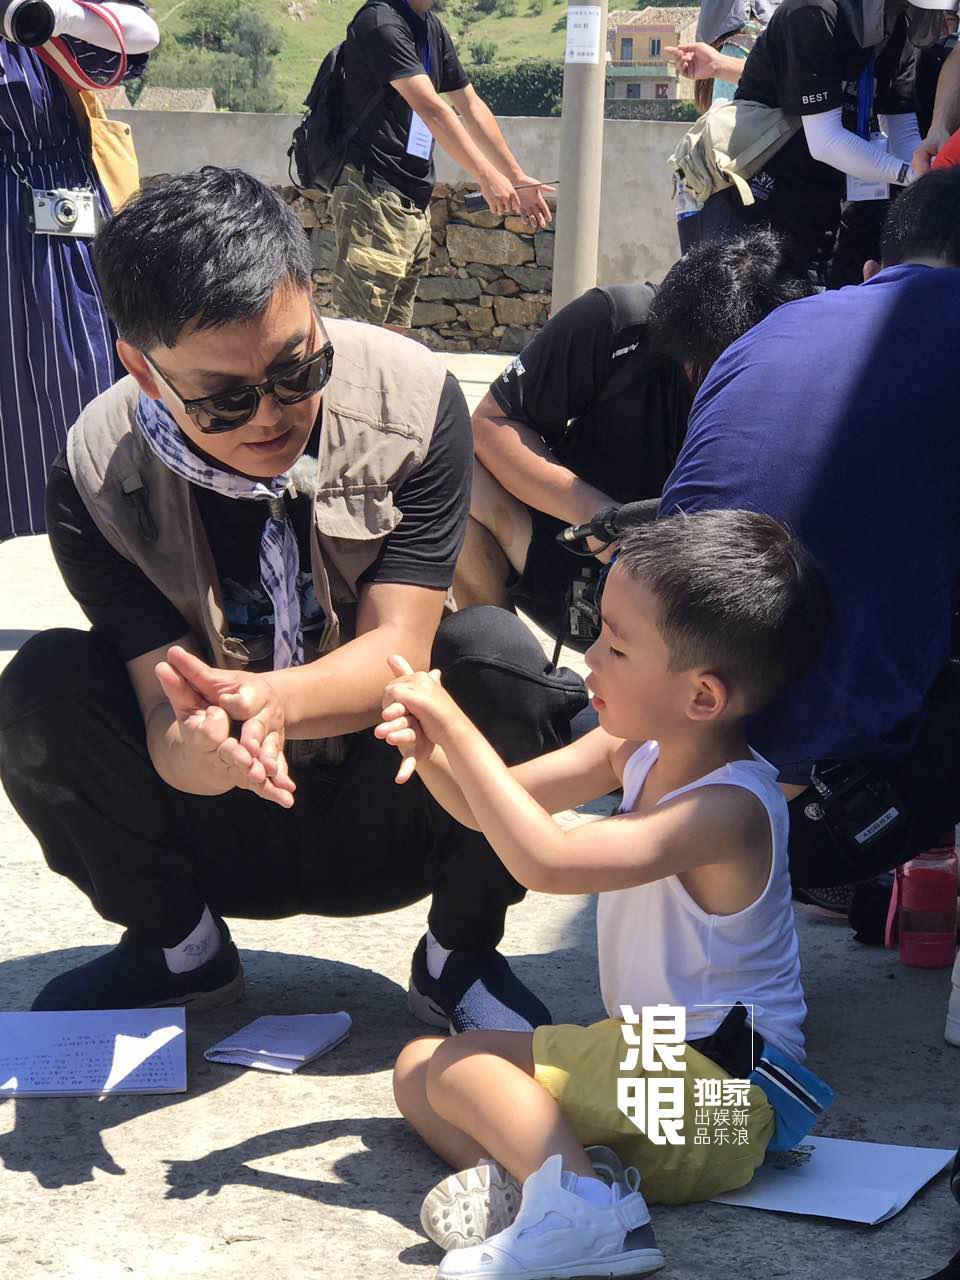 'Vi Tiểu Bảo' Trần Tiểu Xuân lần đầu xuất hiện cùng con trai hot nhất weibo hôm nay-6